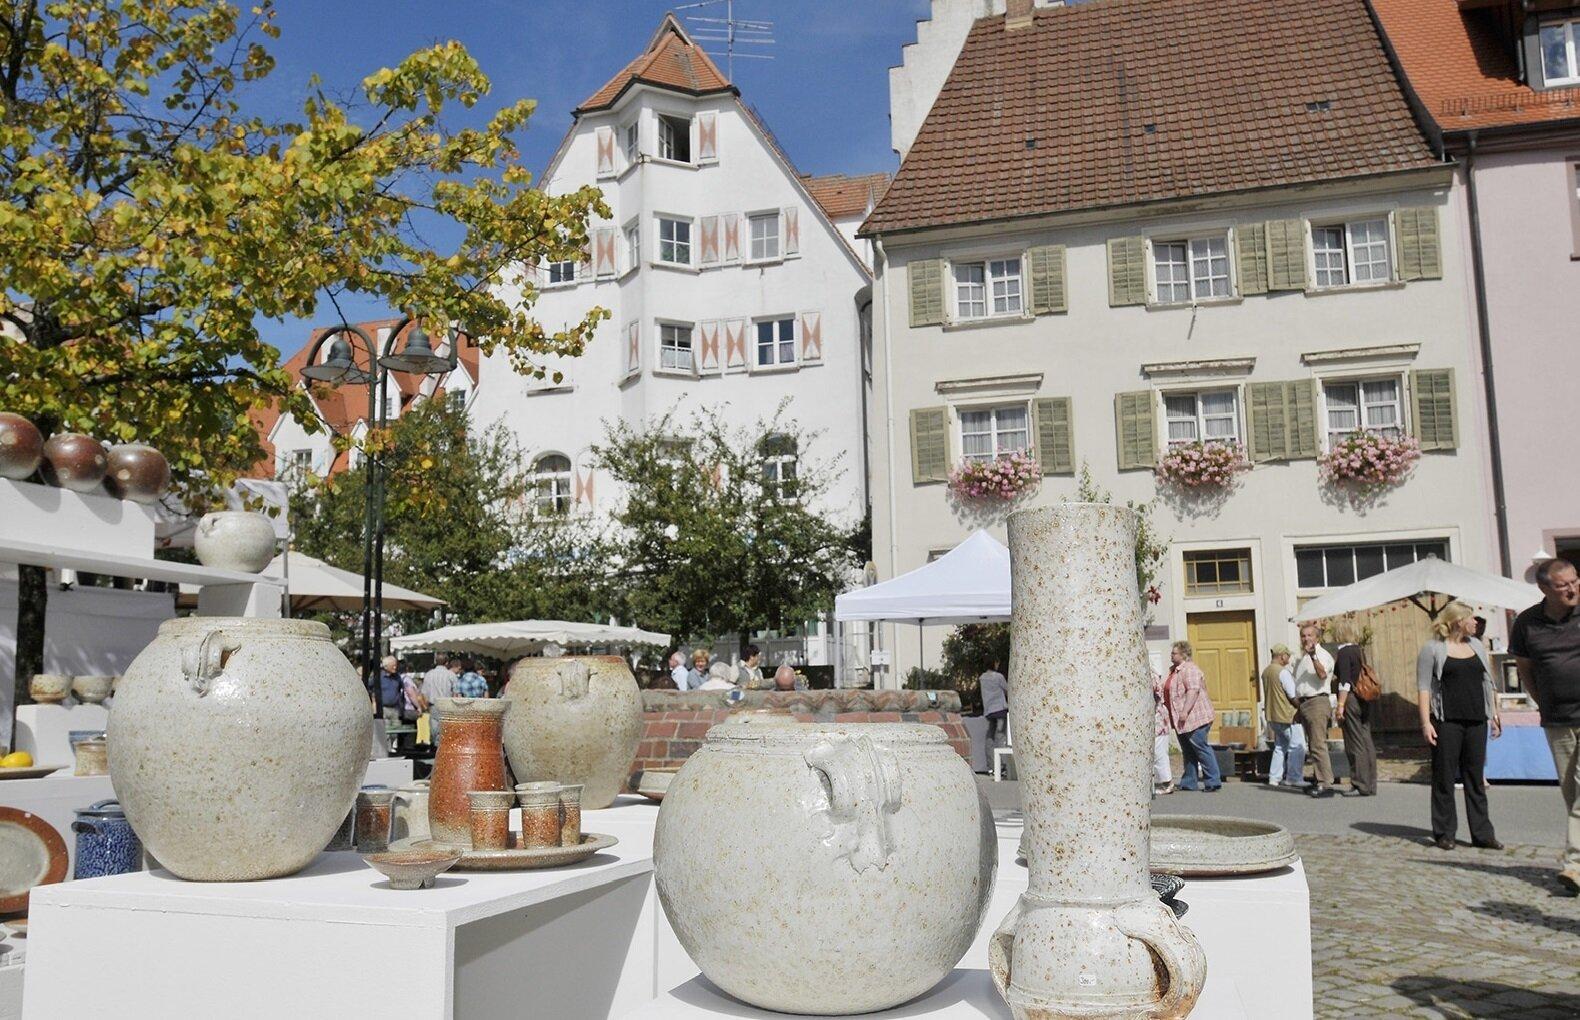 Töpfermarkt in der Hüfinger Altstadt